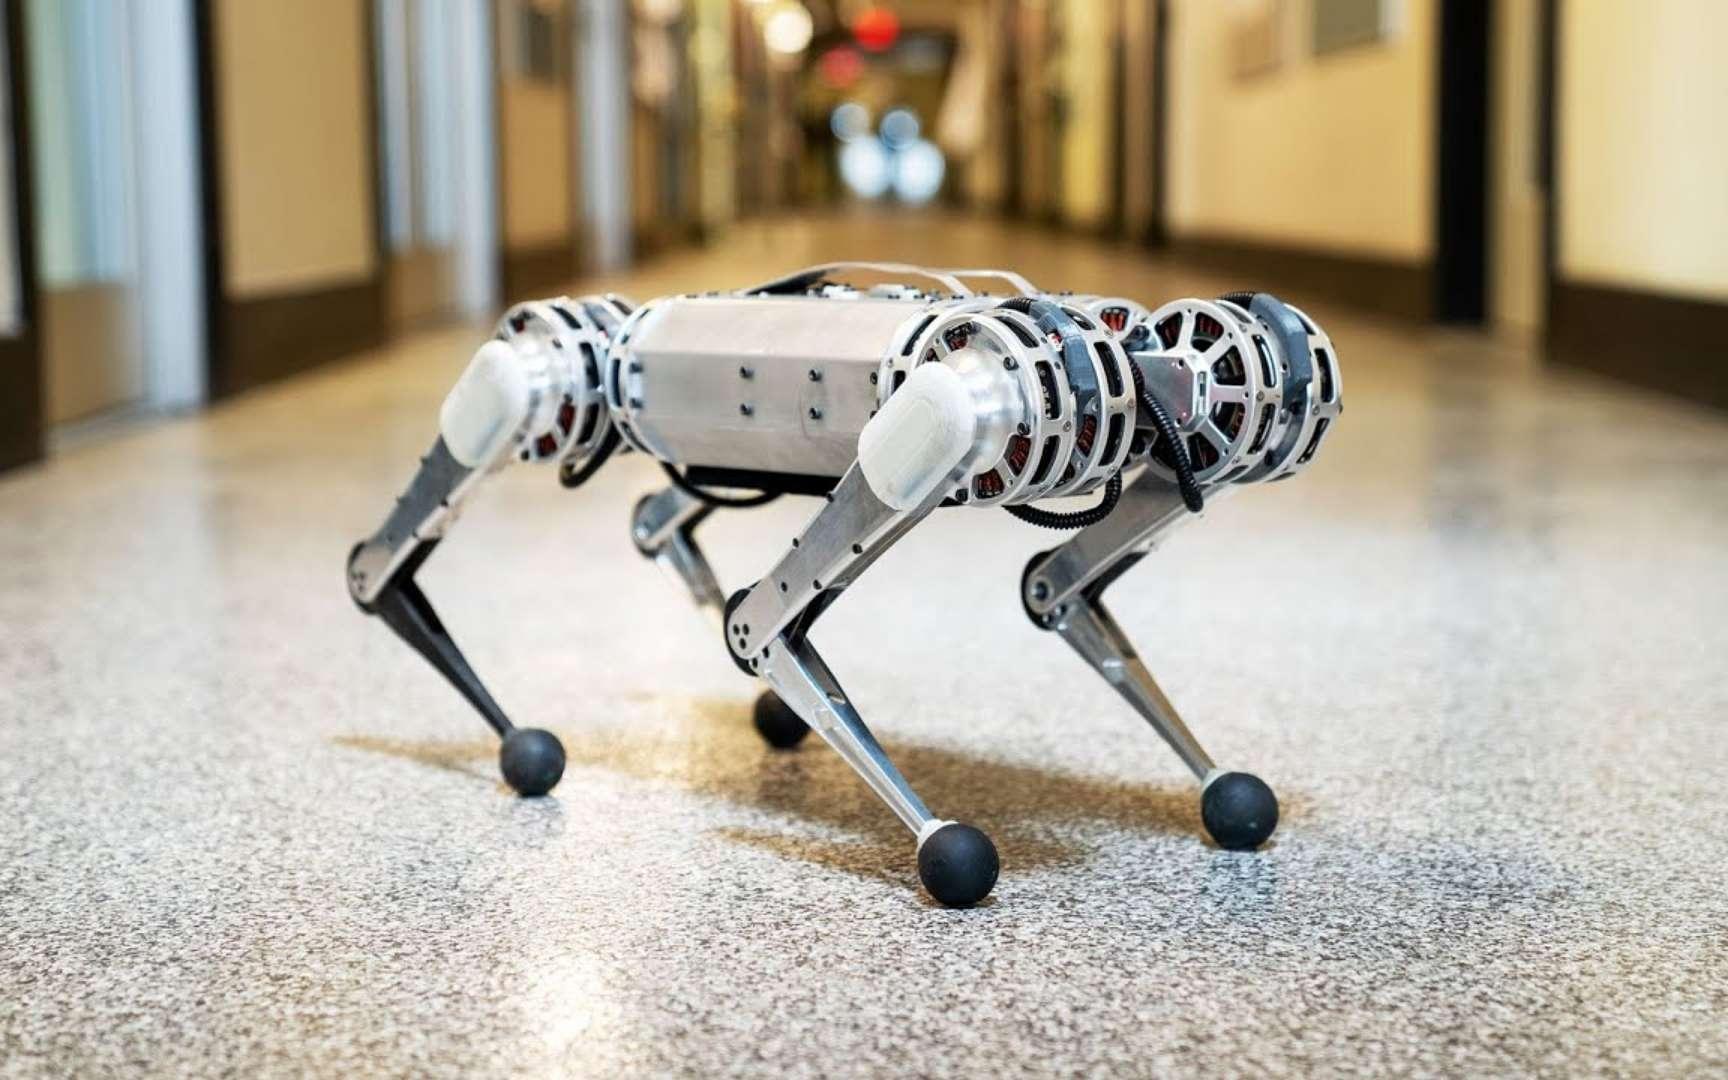 Le mini Cheetah mis au point par les chercheurs du Massachussets Institute of Technology (MIT, États-Unis) est le premier robot à quatre pattes à se montrer capable d'effectuer un backflip. Un salto arrière, si vous préférez. © MIT